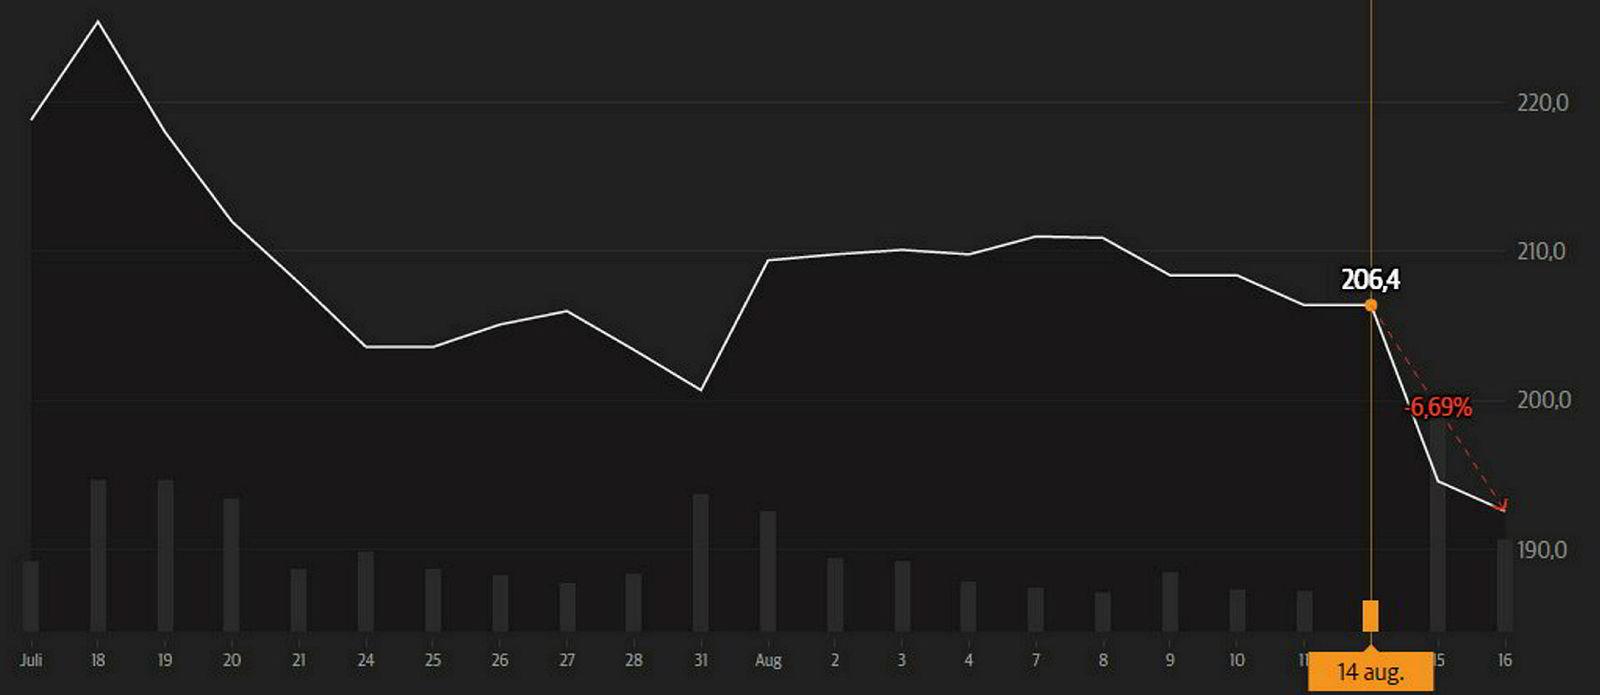 Schibsteds A-aksjes utvikling den siste måneden. Lengst til høyre ser man utviklingen fra børsåpning tirsdag til klokken 14.41 onsdag.